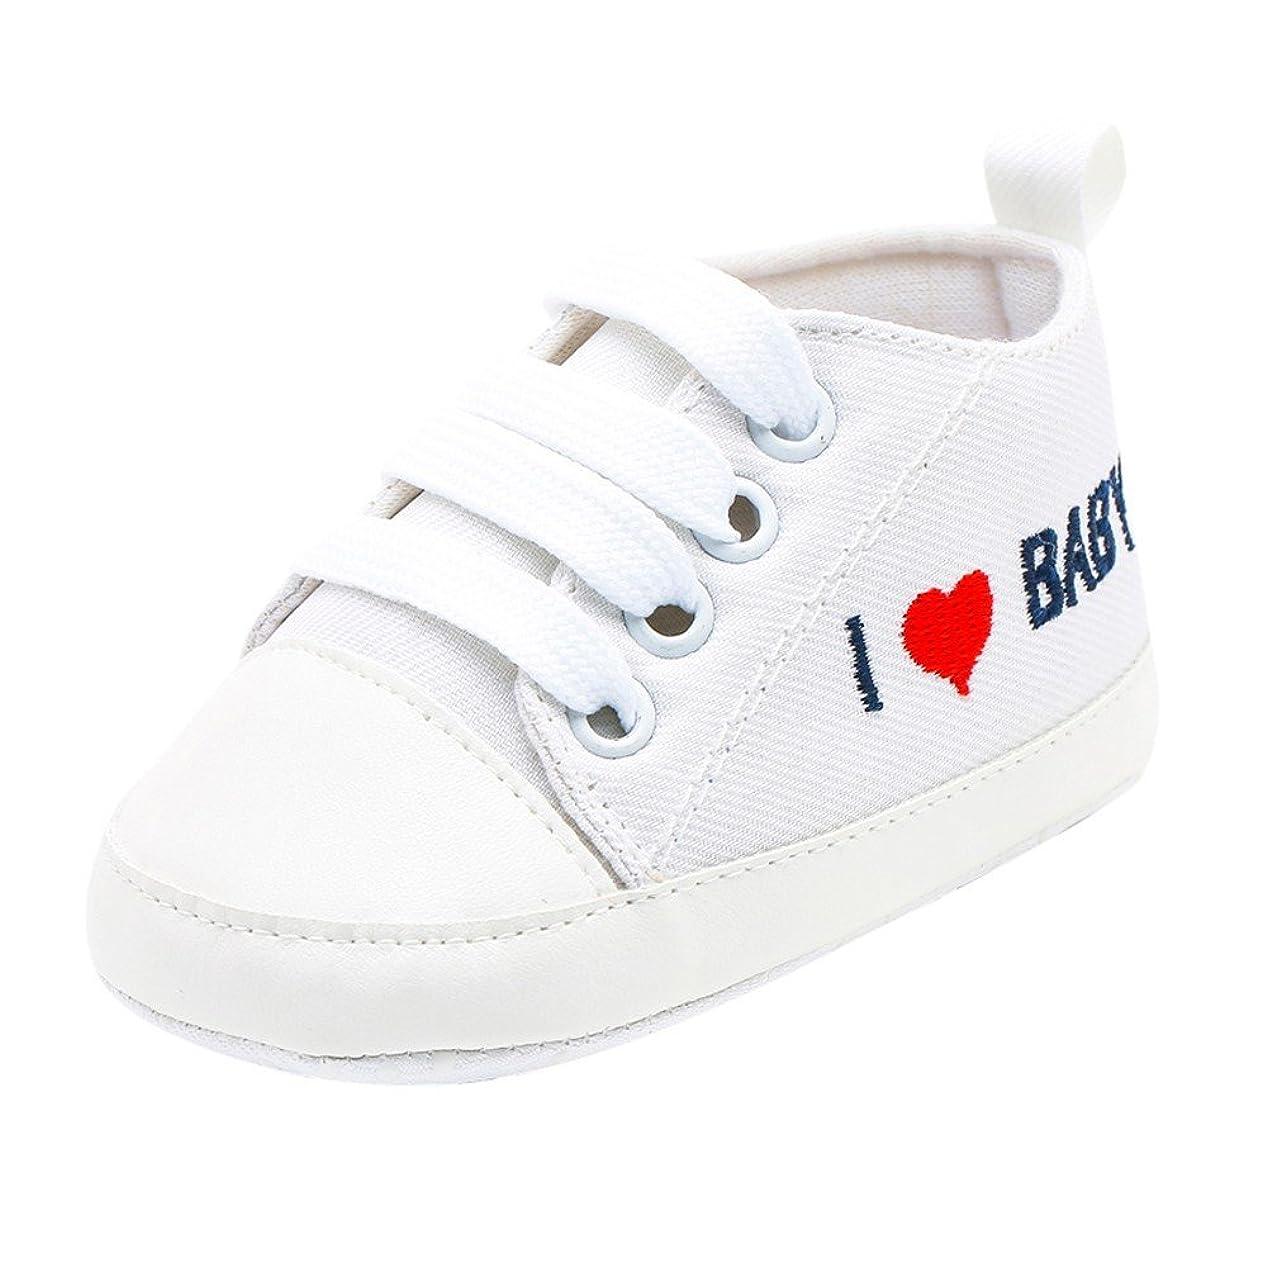 シュリンク正しい予定[Yochyan_子供靴] ベビーシューズ 可愛い 女の子 男の子 幼児シューズ 運動靴 スニーカー プリント レースアップ スポツー 柔らかい コットン 歩く練習 滑り止め カジュアル ファッション おしゃれ 日常着 11 12 13